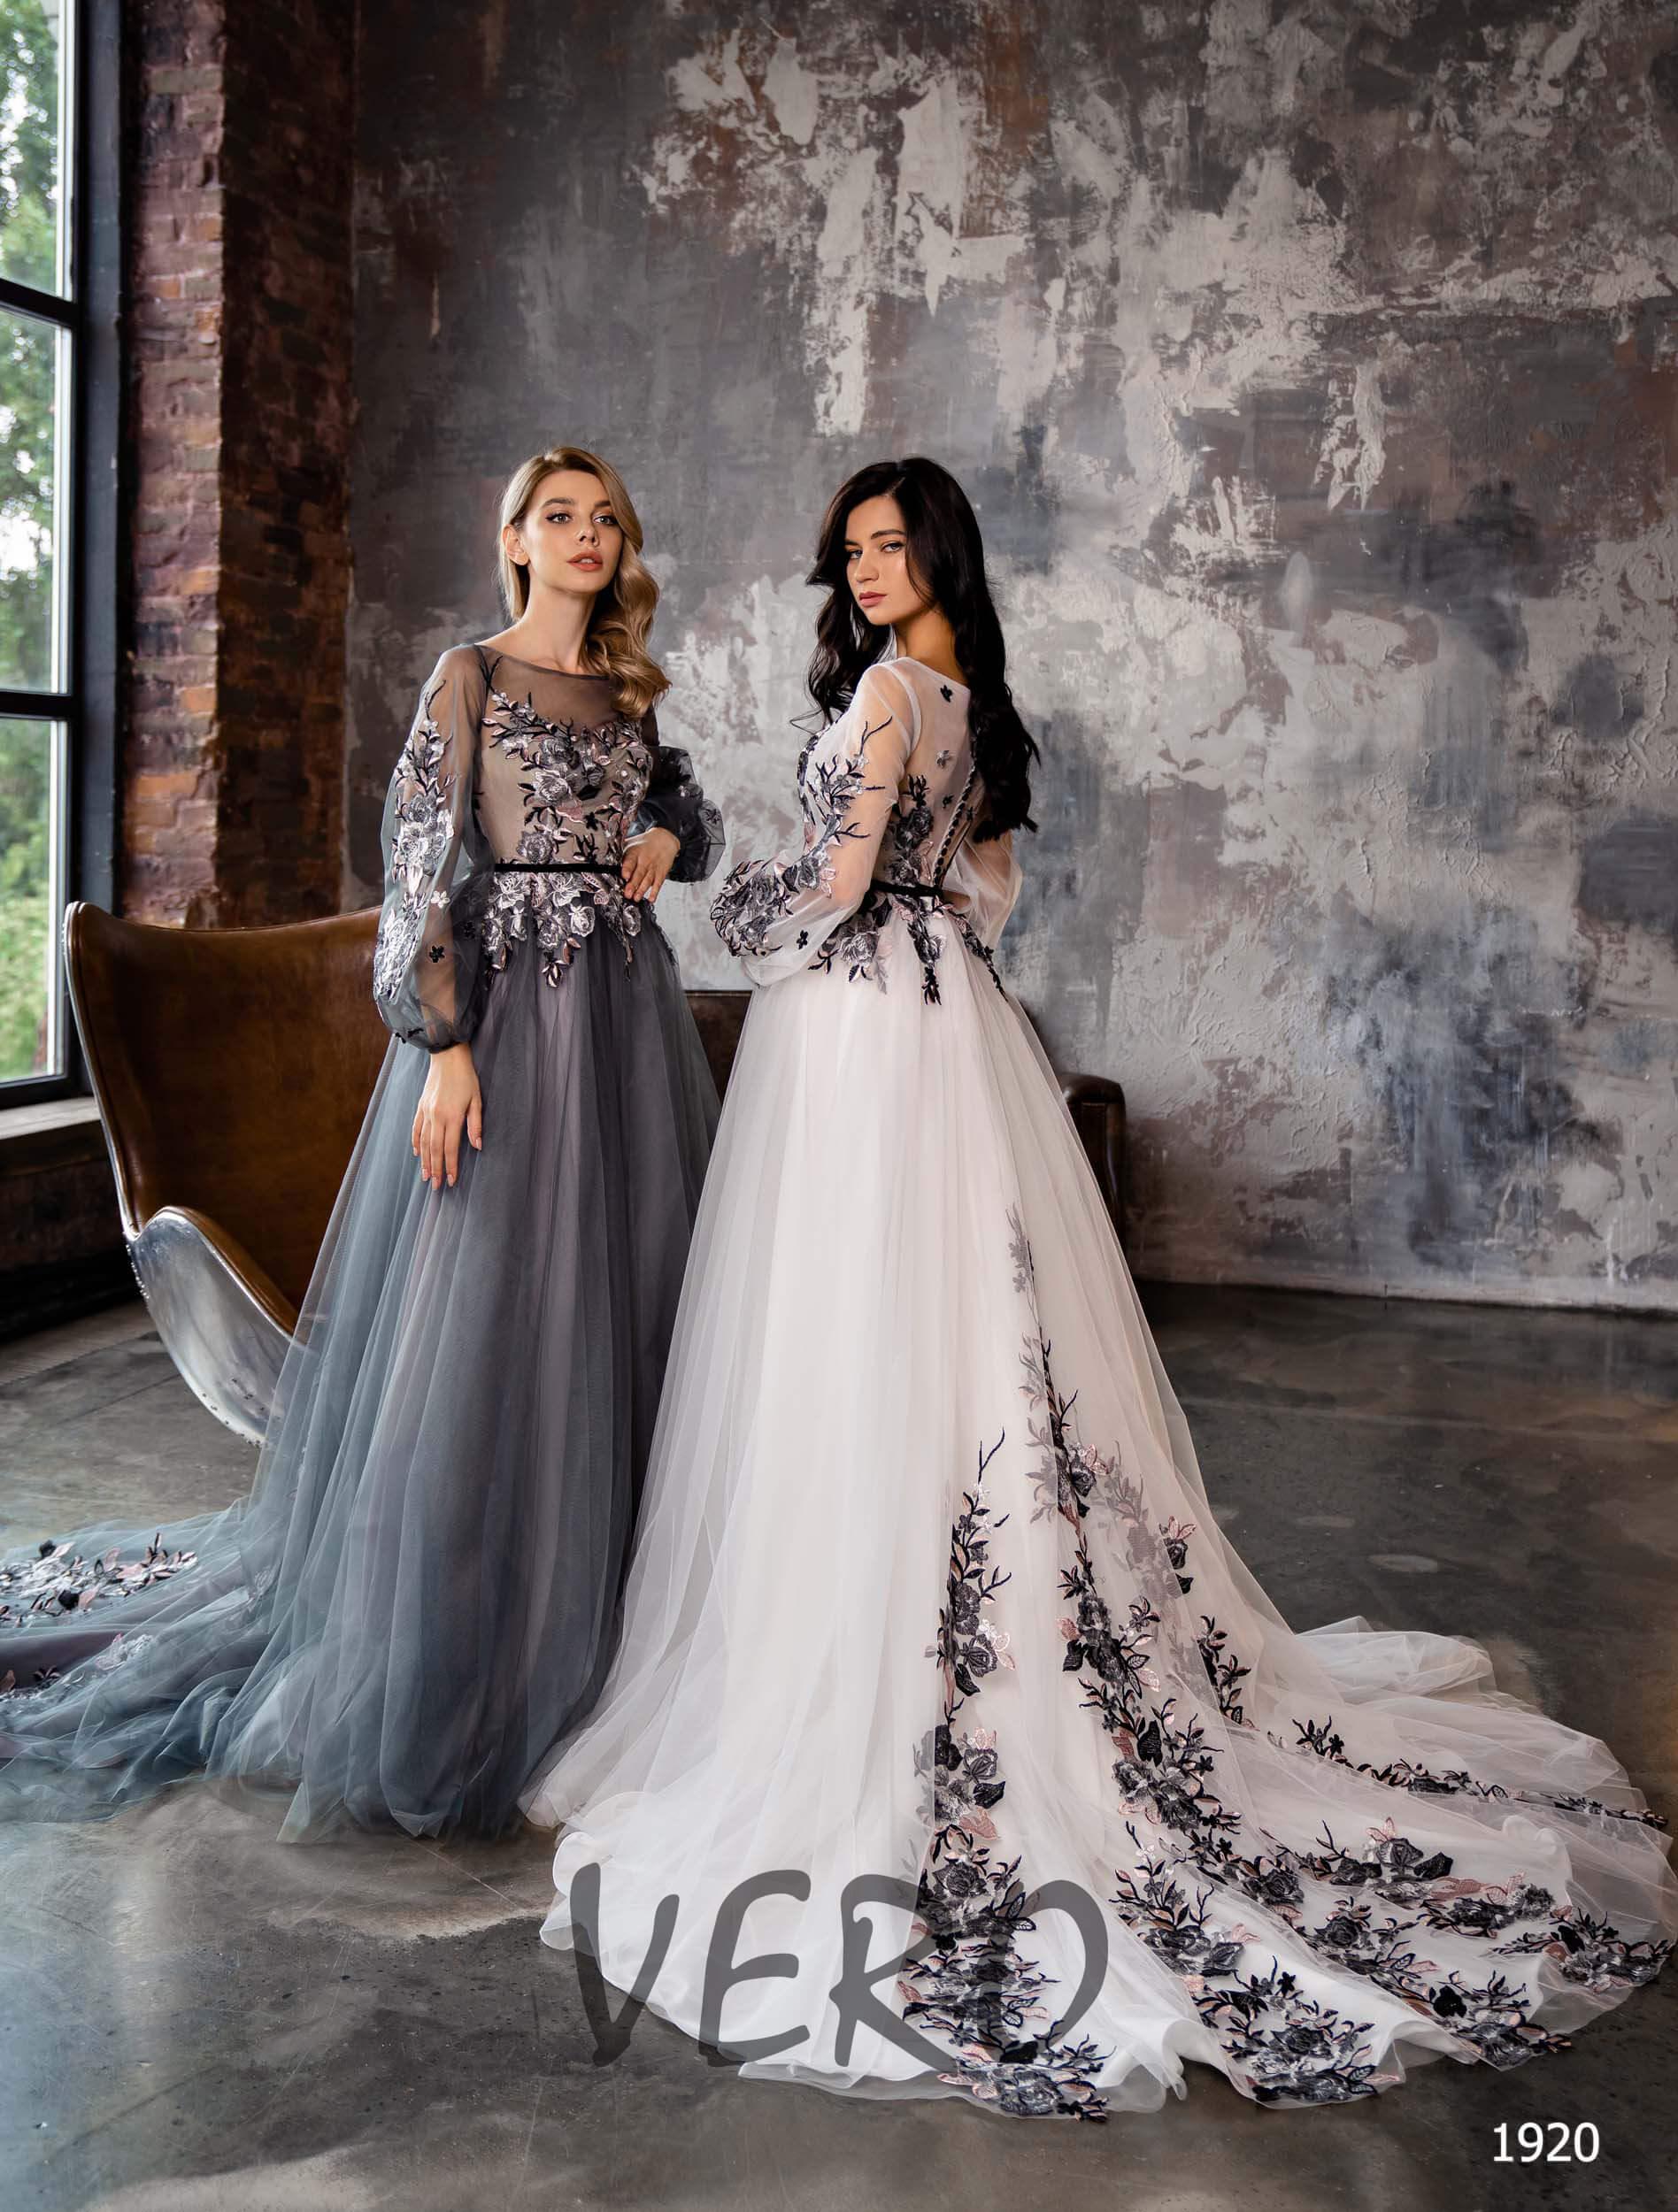 самые необычные платья на выпускной(1) | Vero